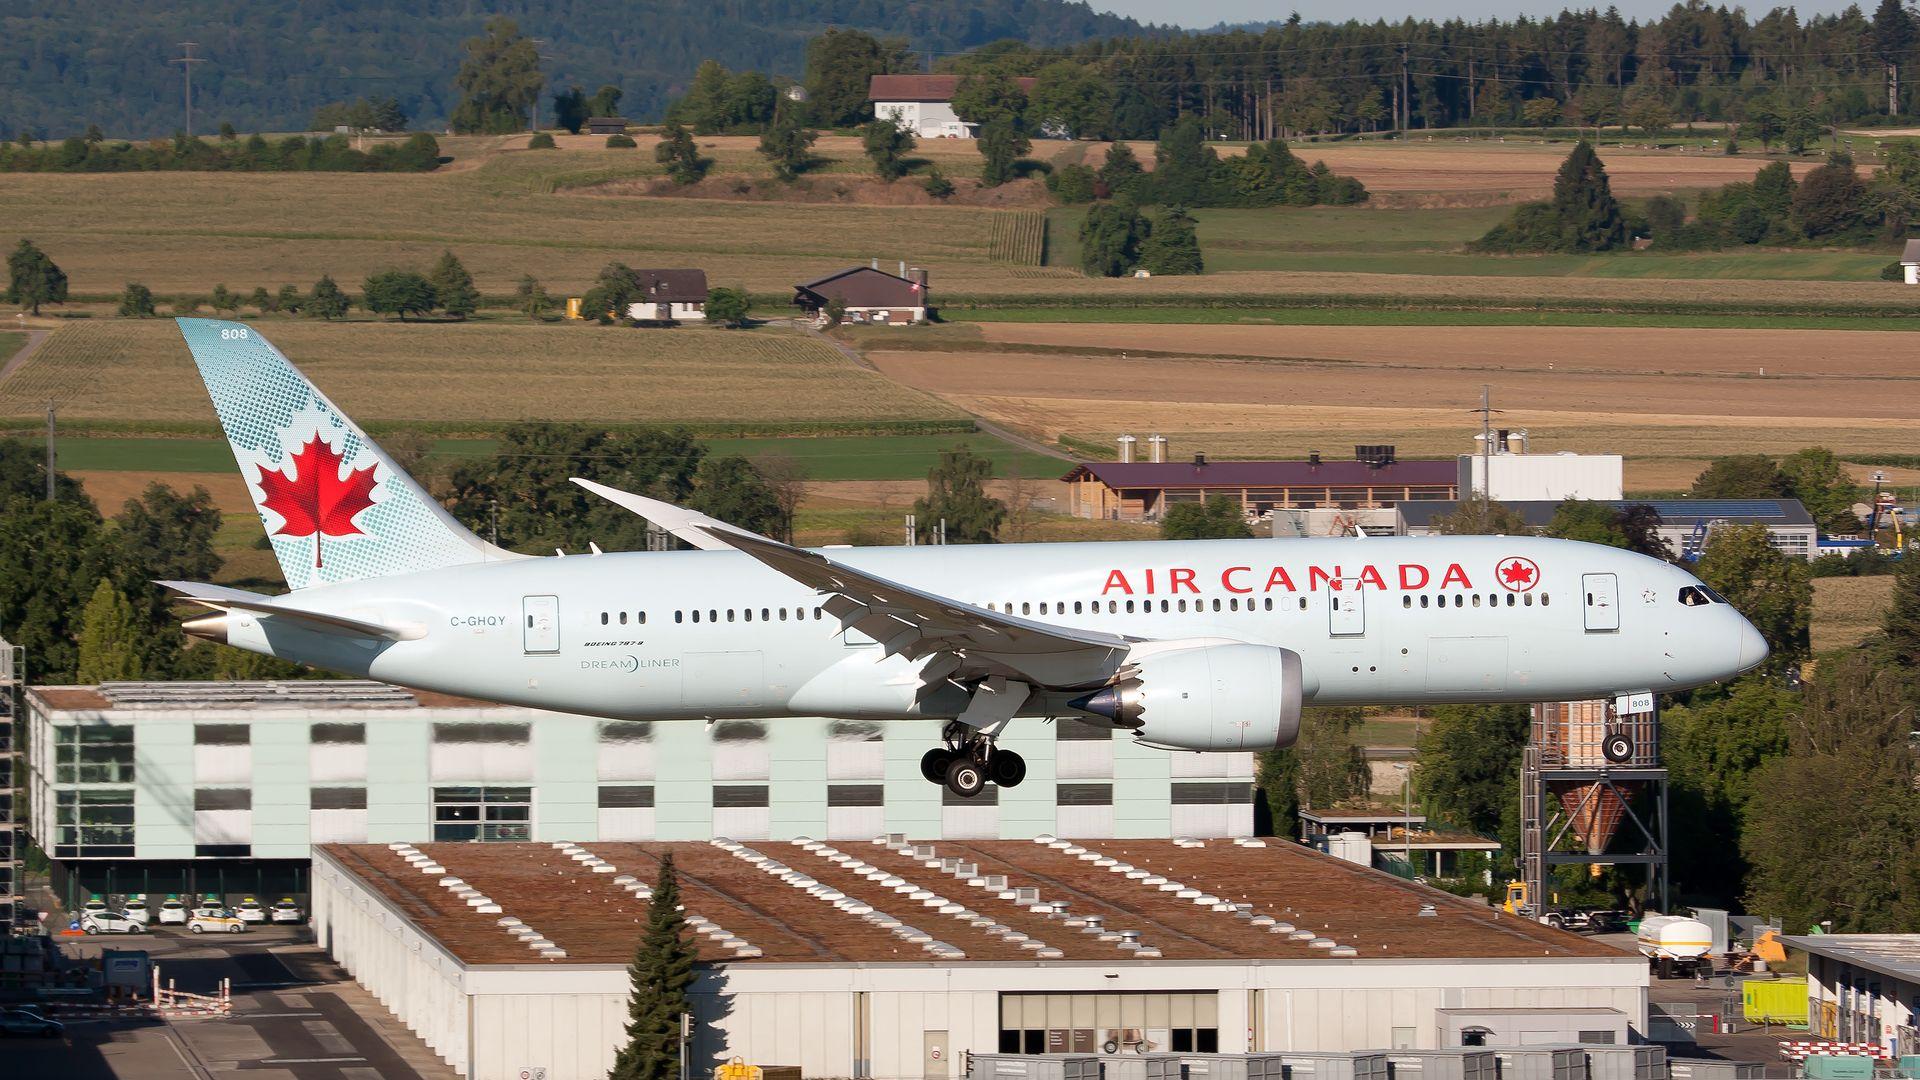 An Air Canada plane